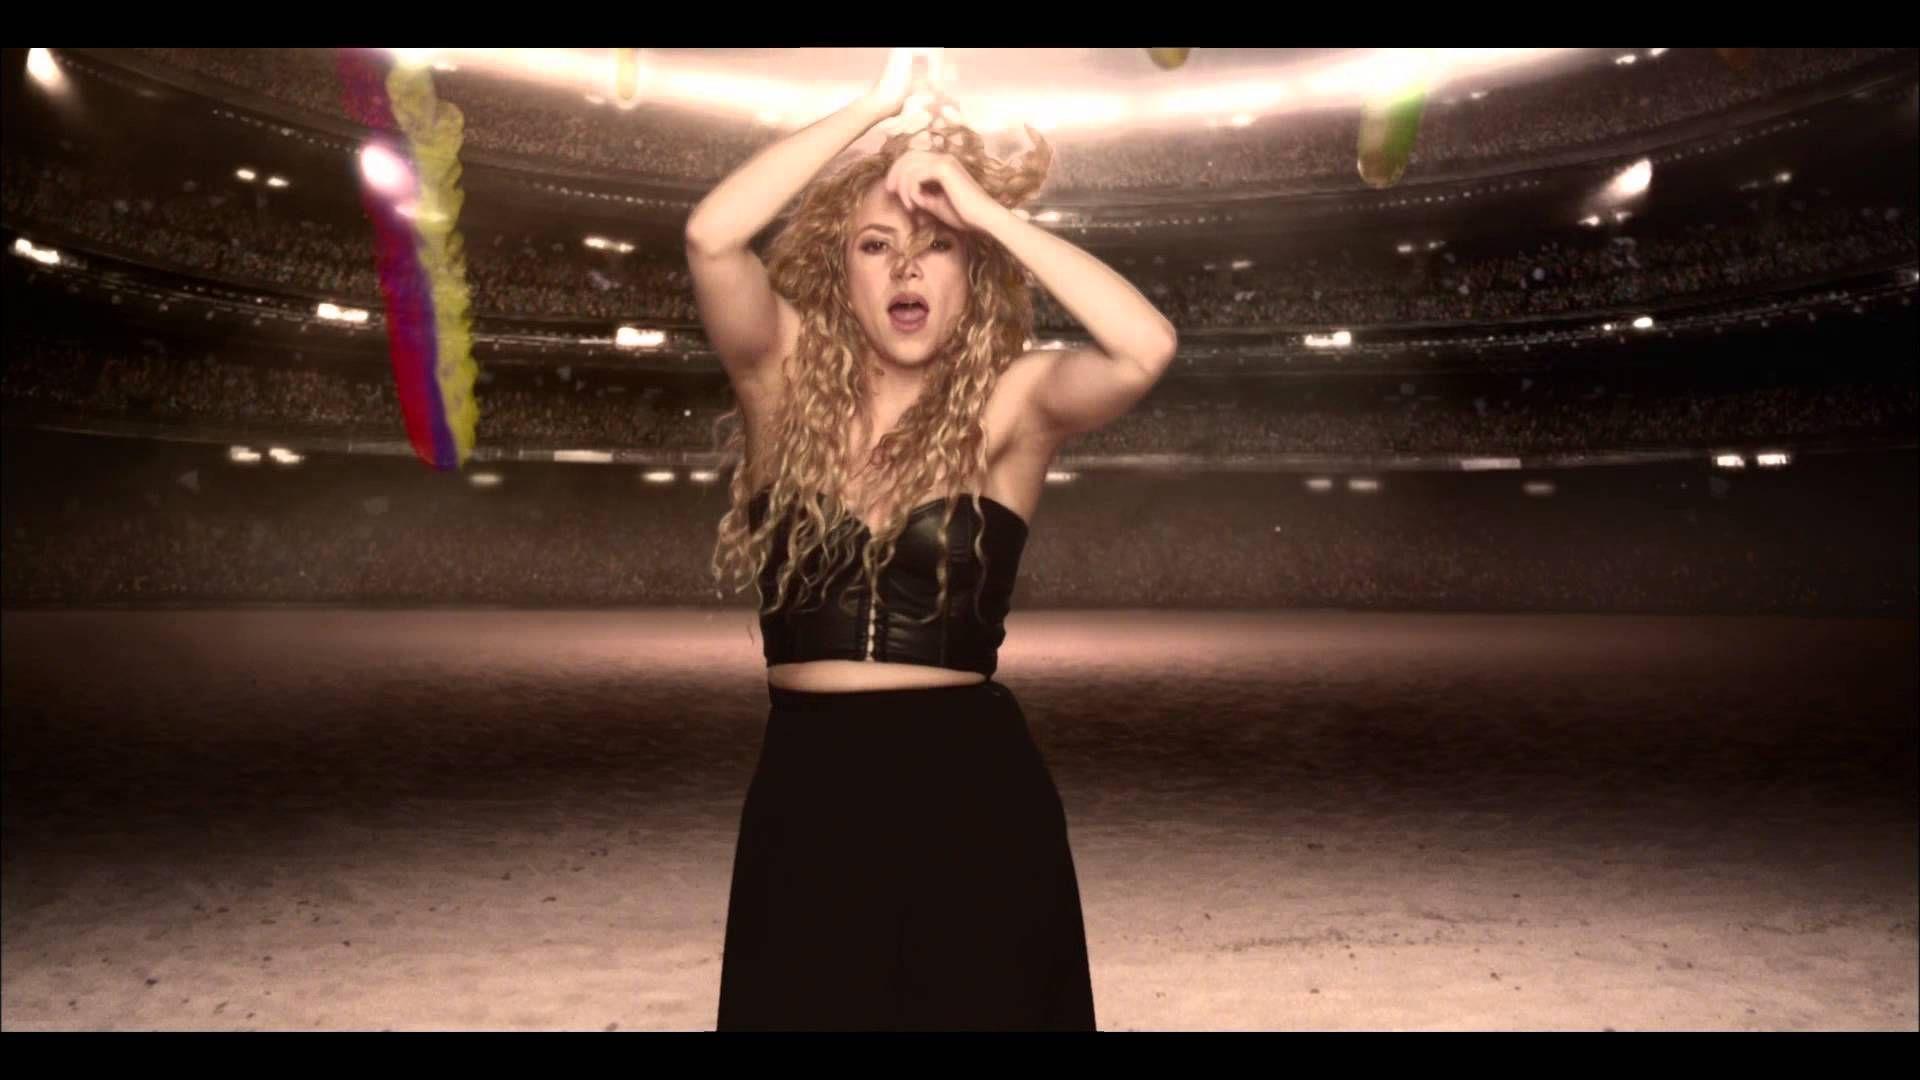 Shakira La La La Brazil 2014 Shakira Music Shakira Celebrity Sightings